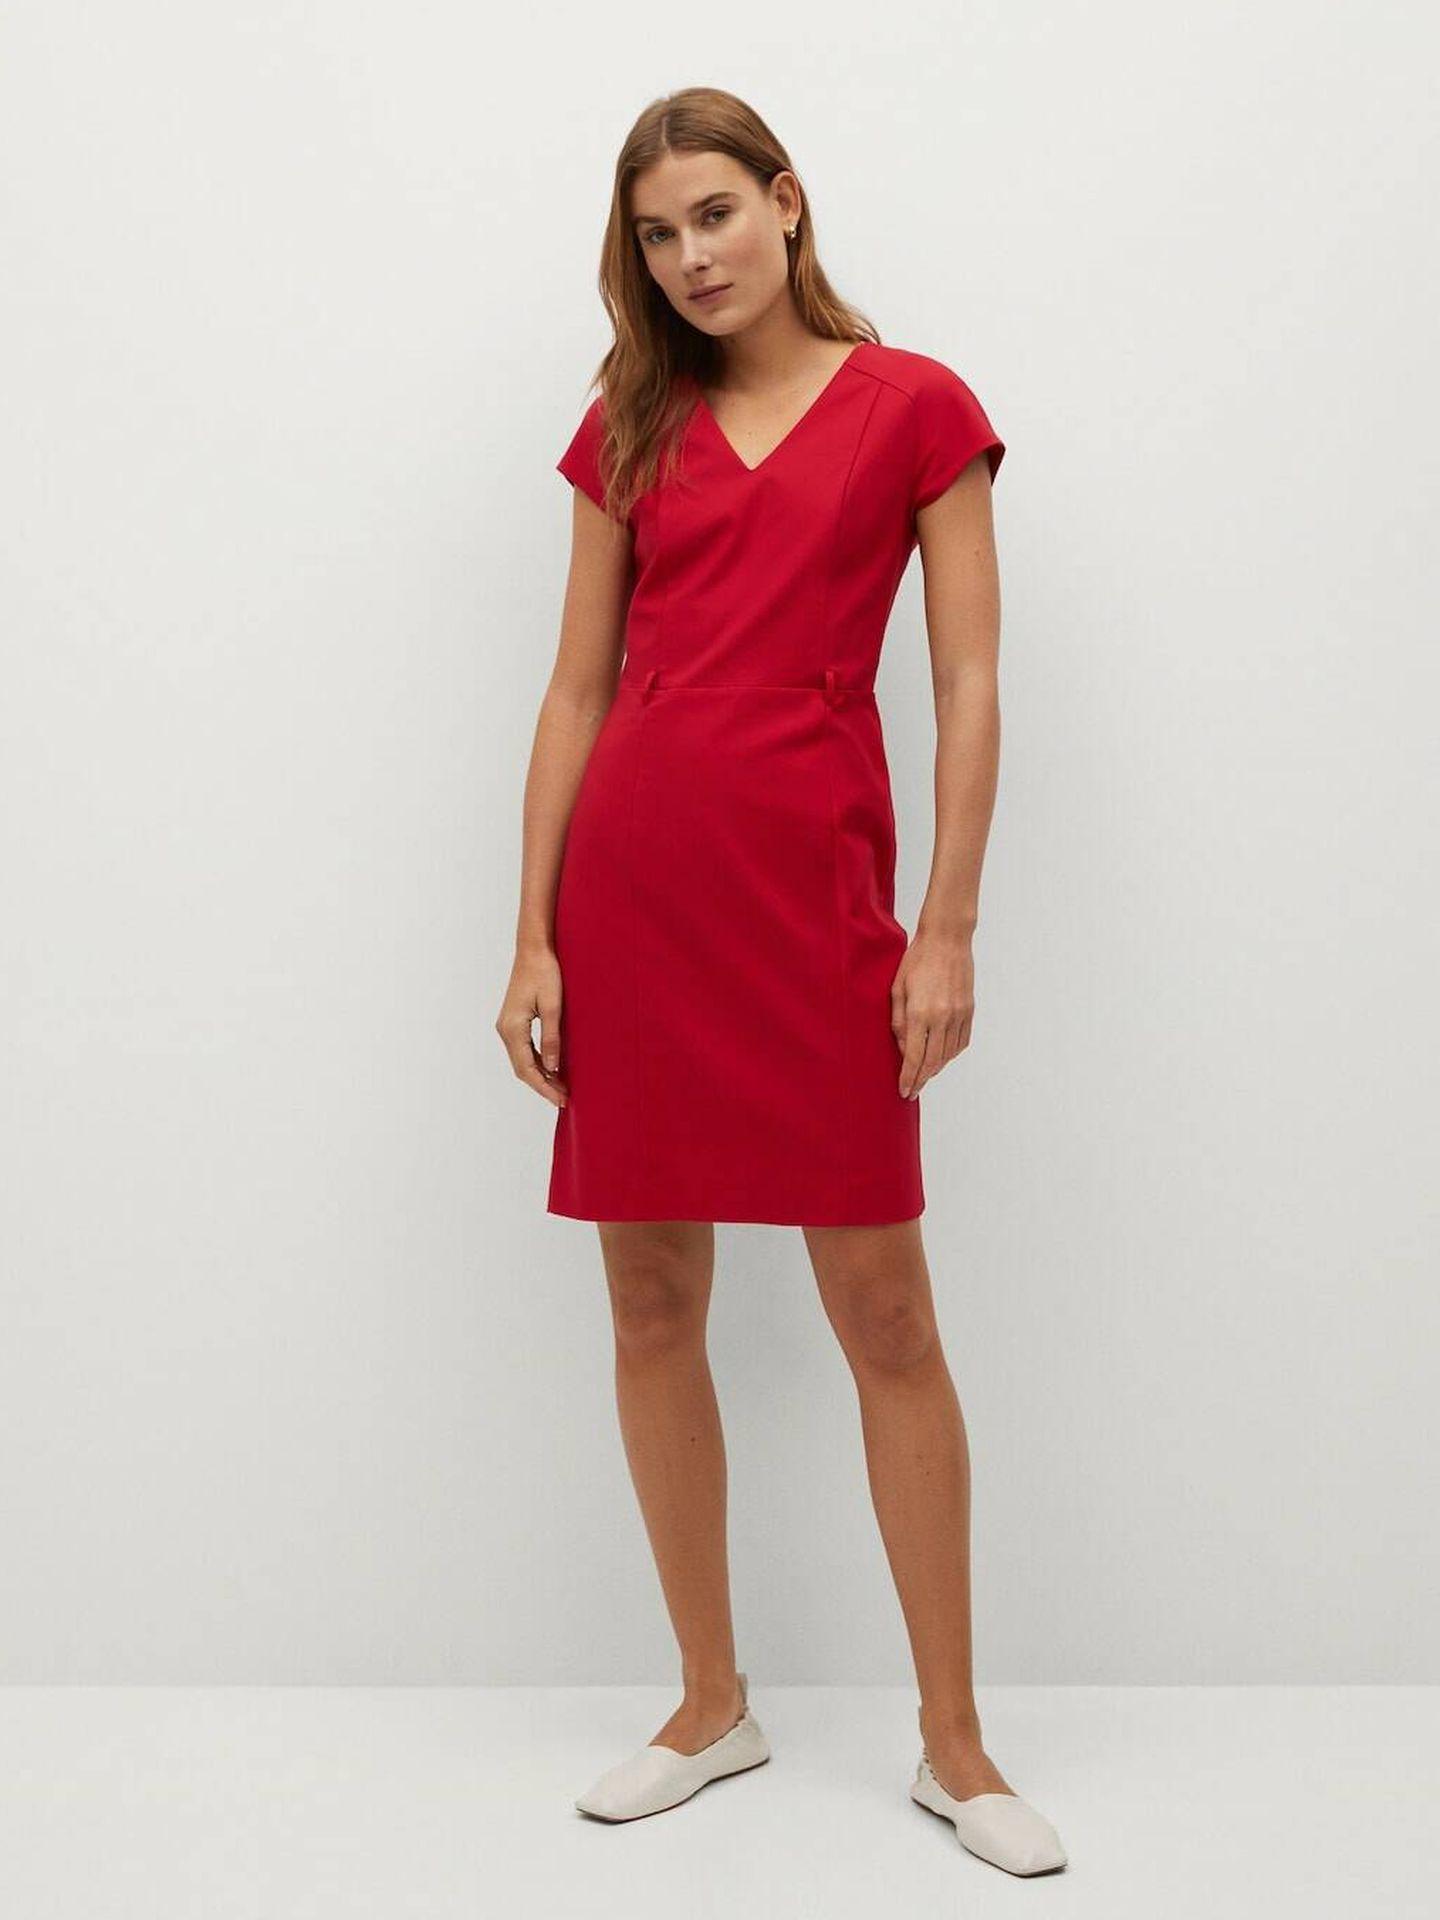 Vestido rojo de las rebajas Mango. (Cortesía)